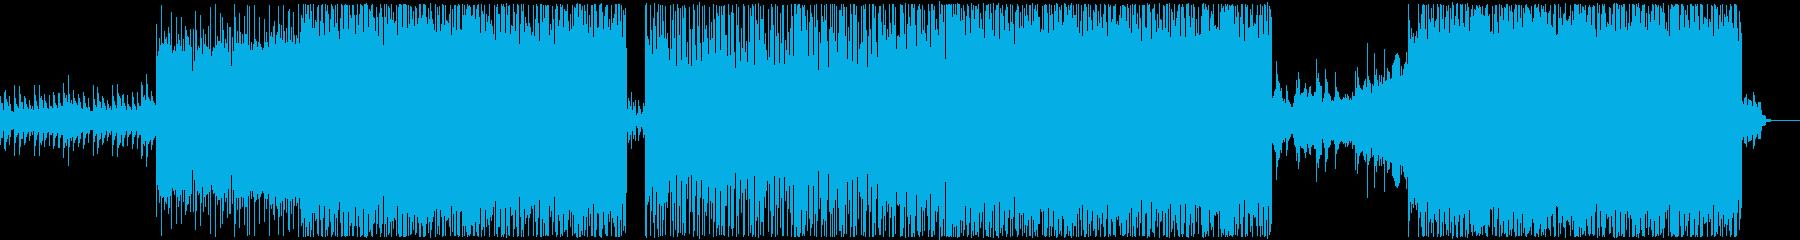 インディーズ ロック ポップ 代替...の再生済みの波形